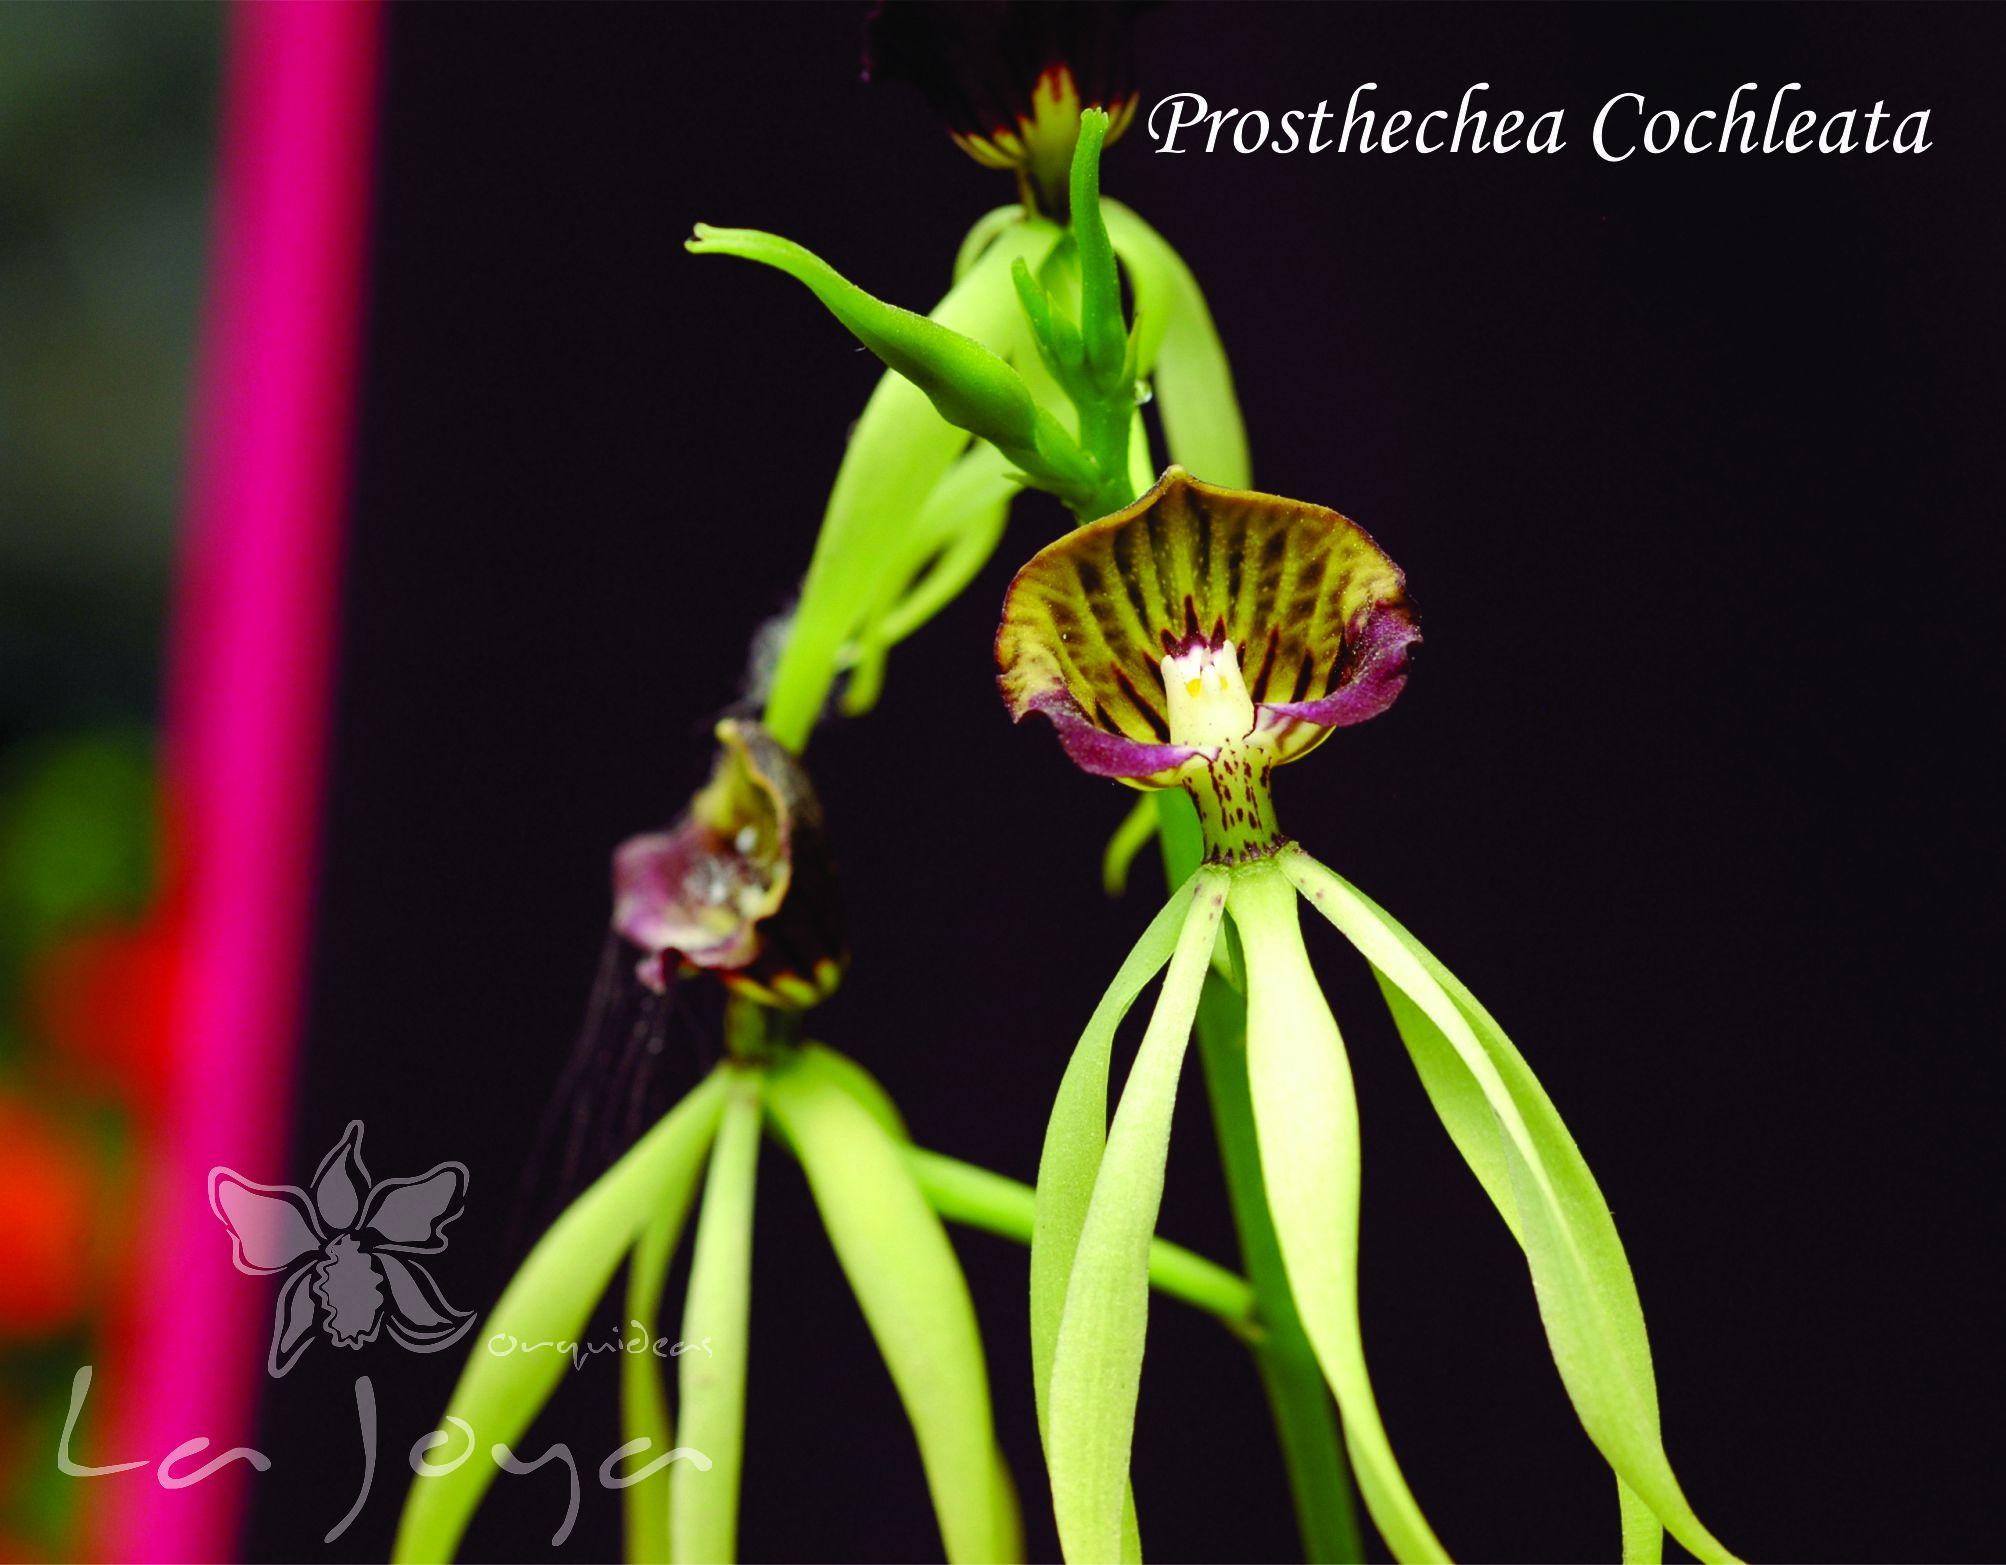 Prostechea Cochleata